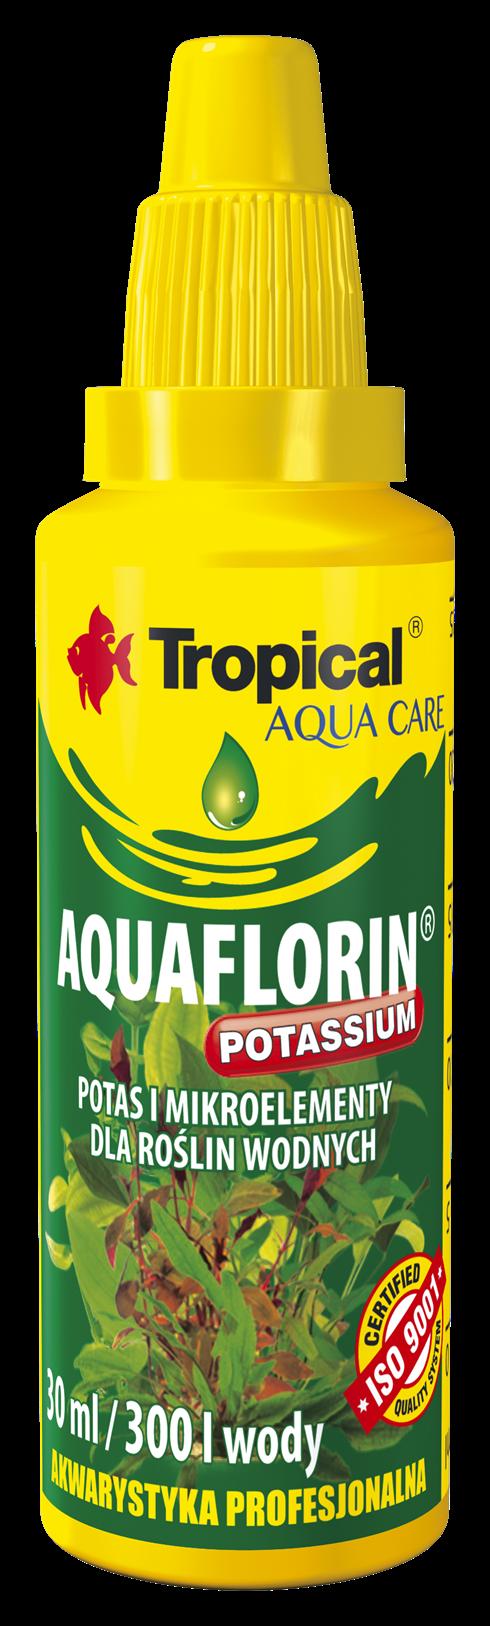 Aquaflorin Potassium